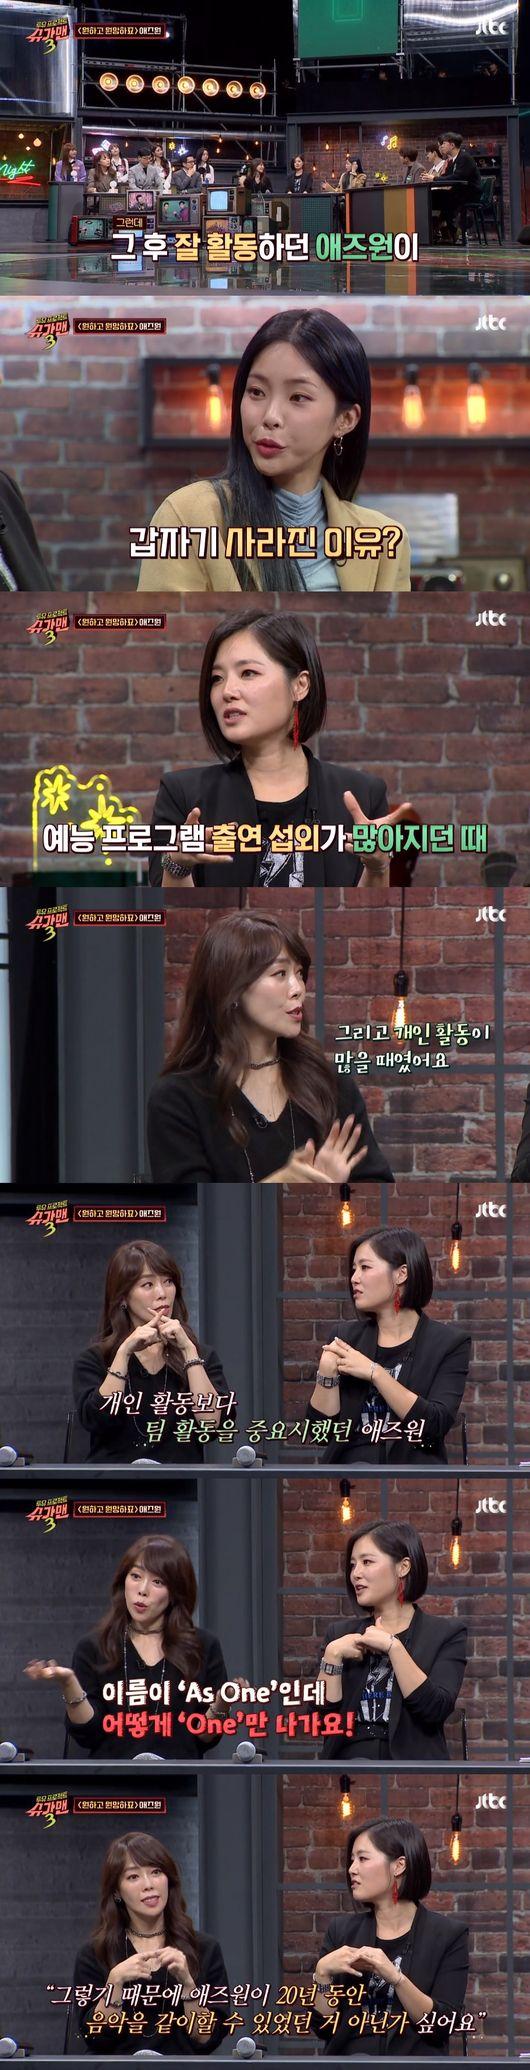 슈가맨, 에즈원, '솔로하기 싫어 해체'…유산슬 트로트 라이벌 A.R.T '코다리사랑' [핫TV]